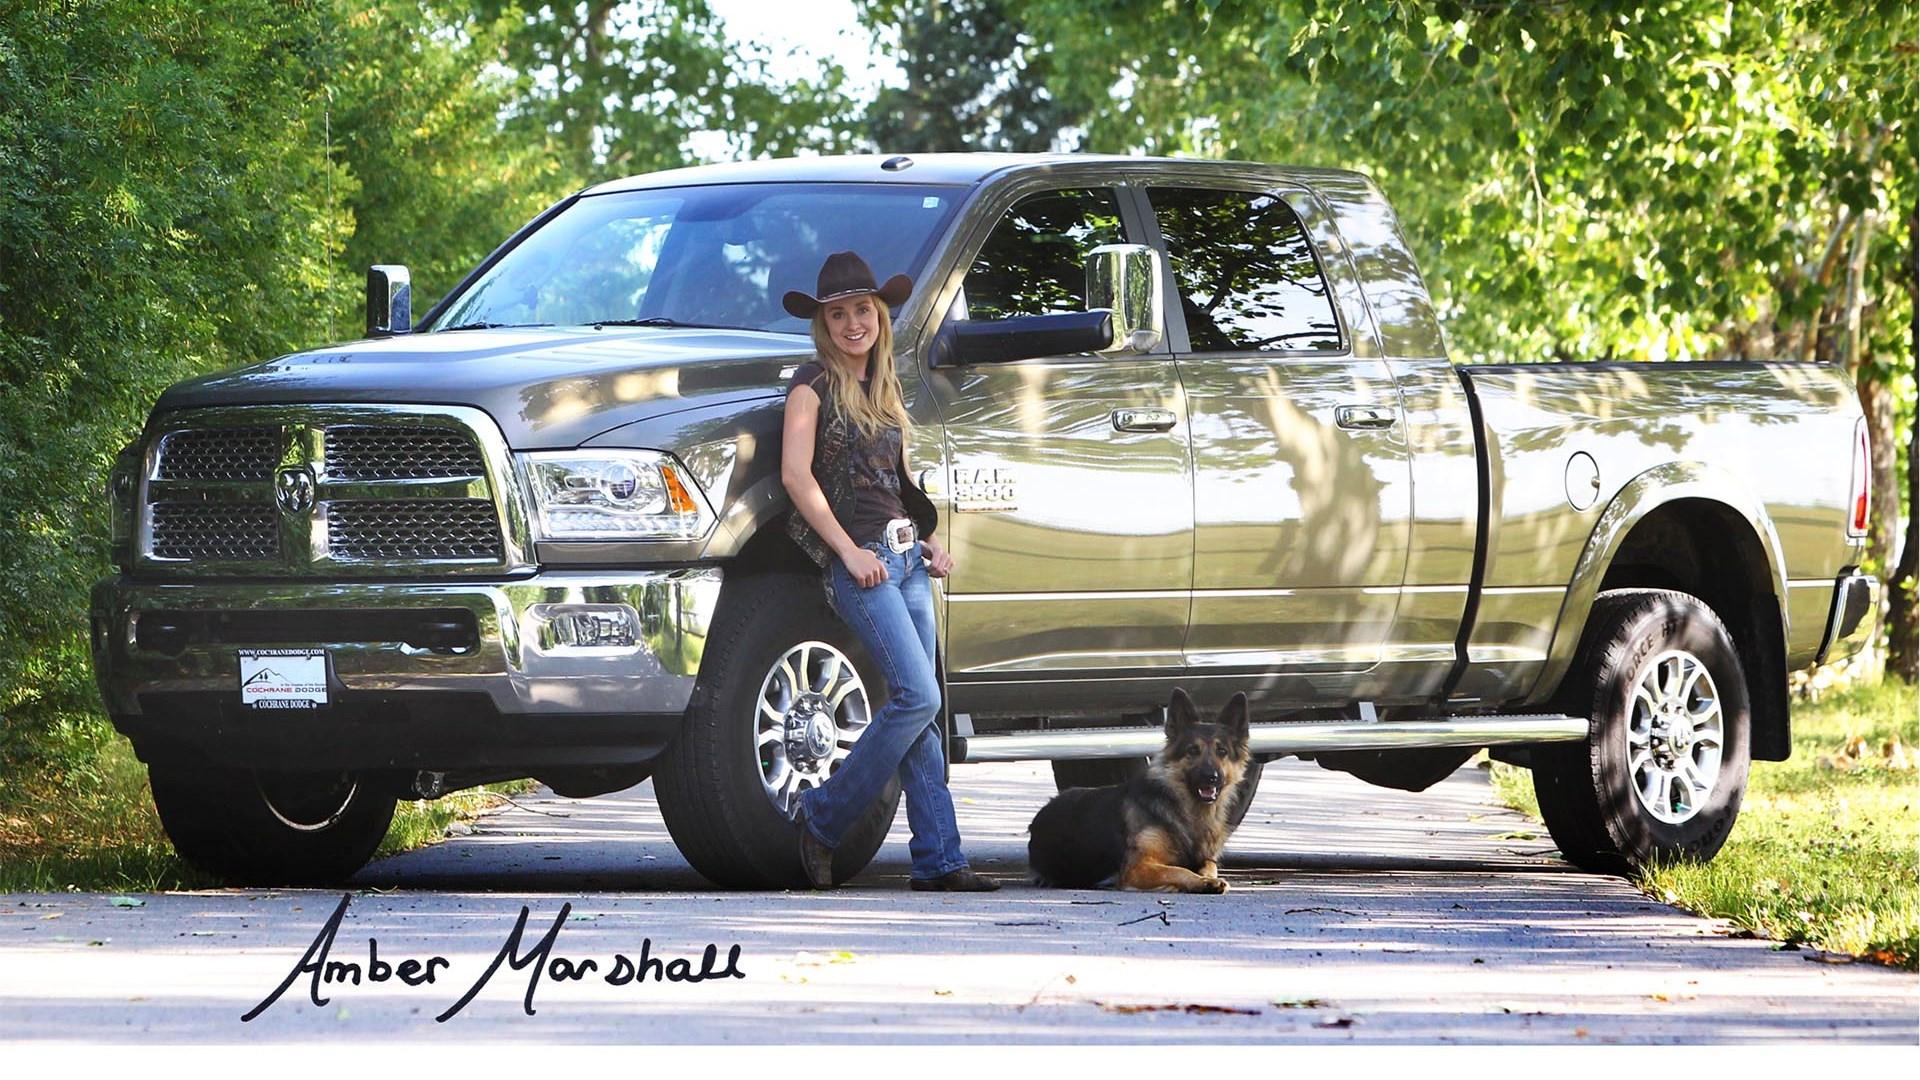 Foto do carro de Amber Marshall